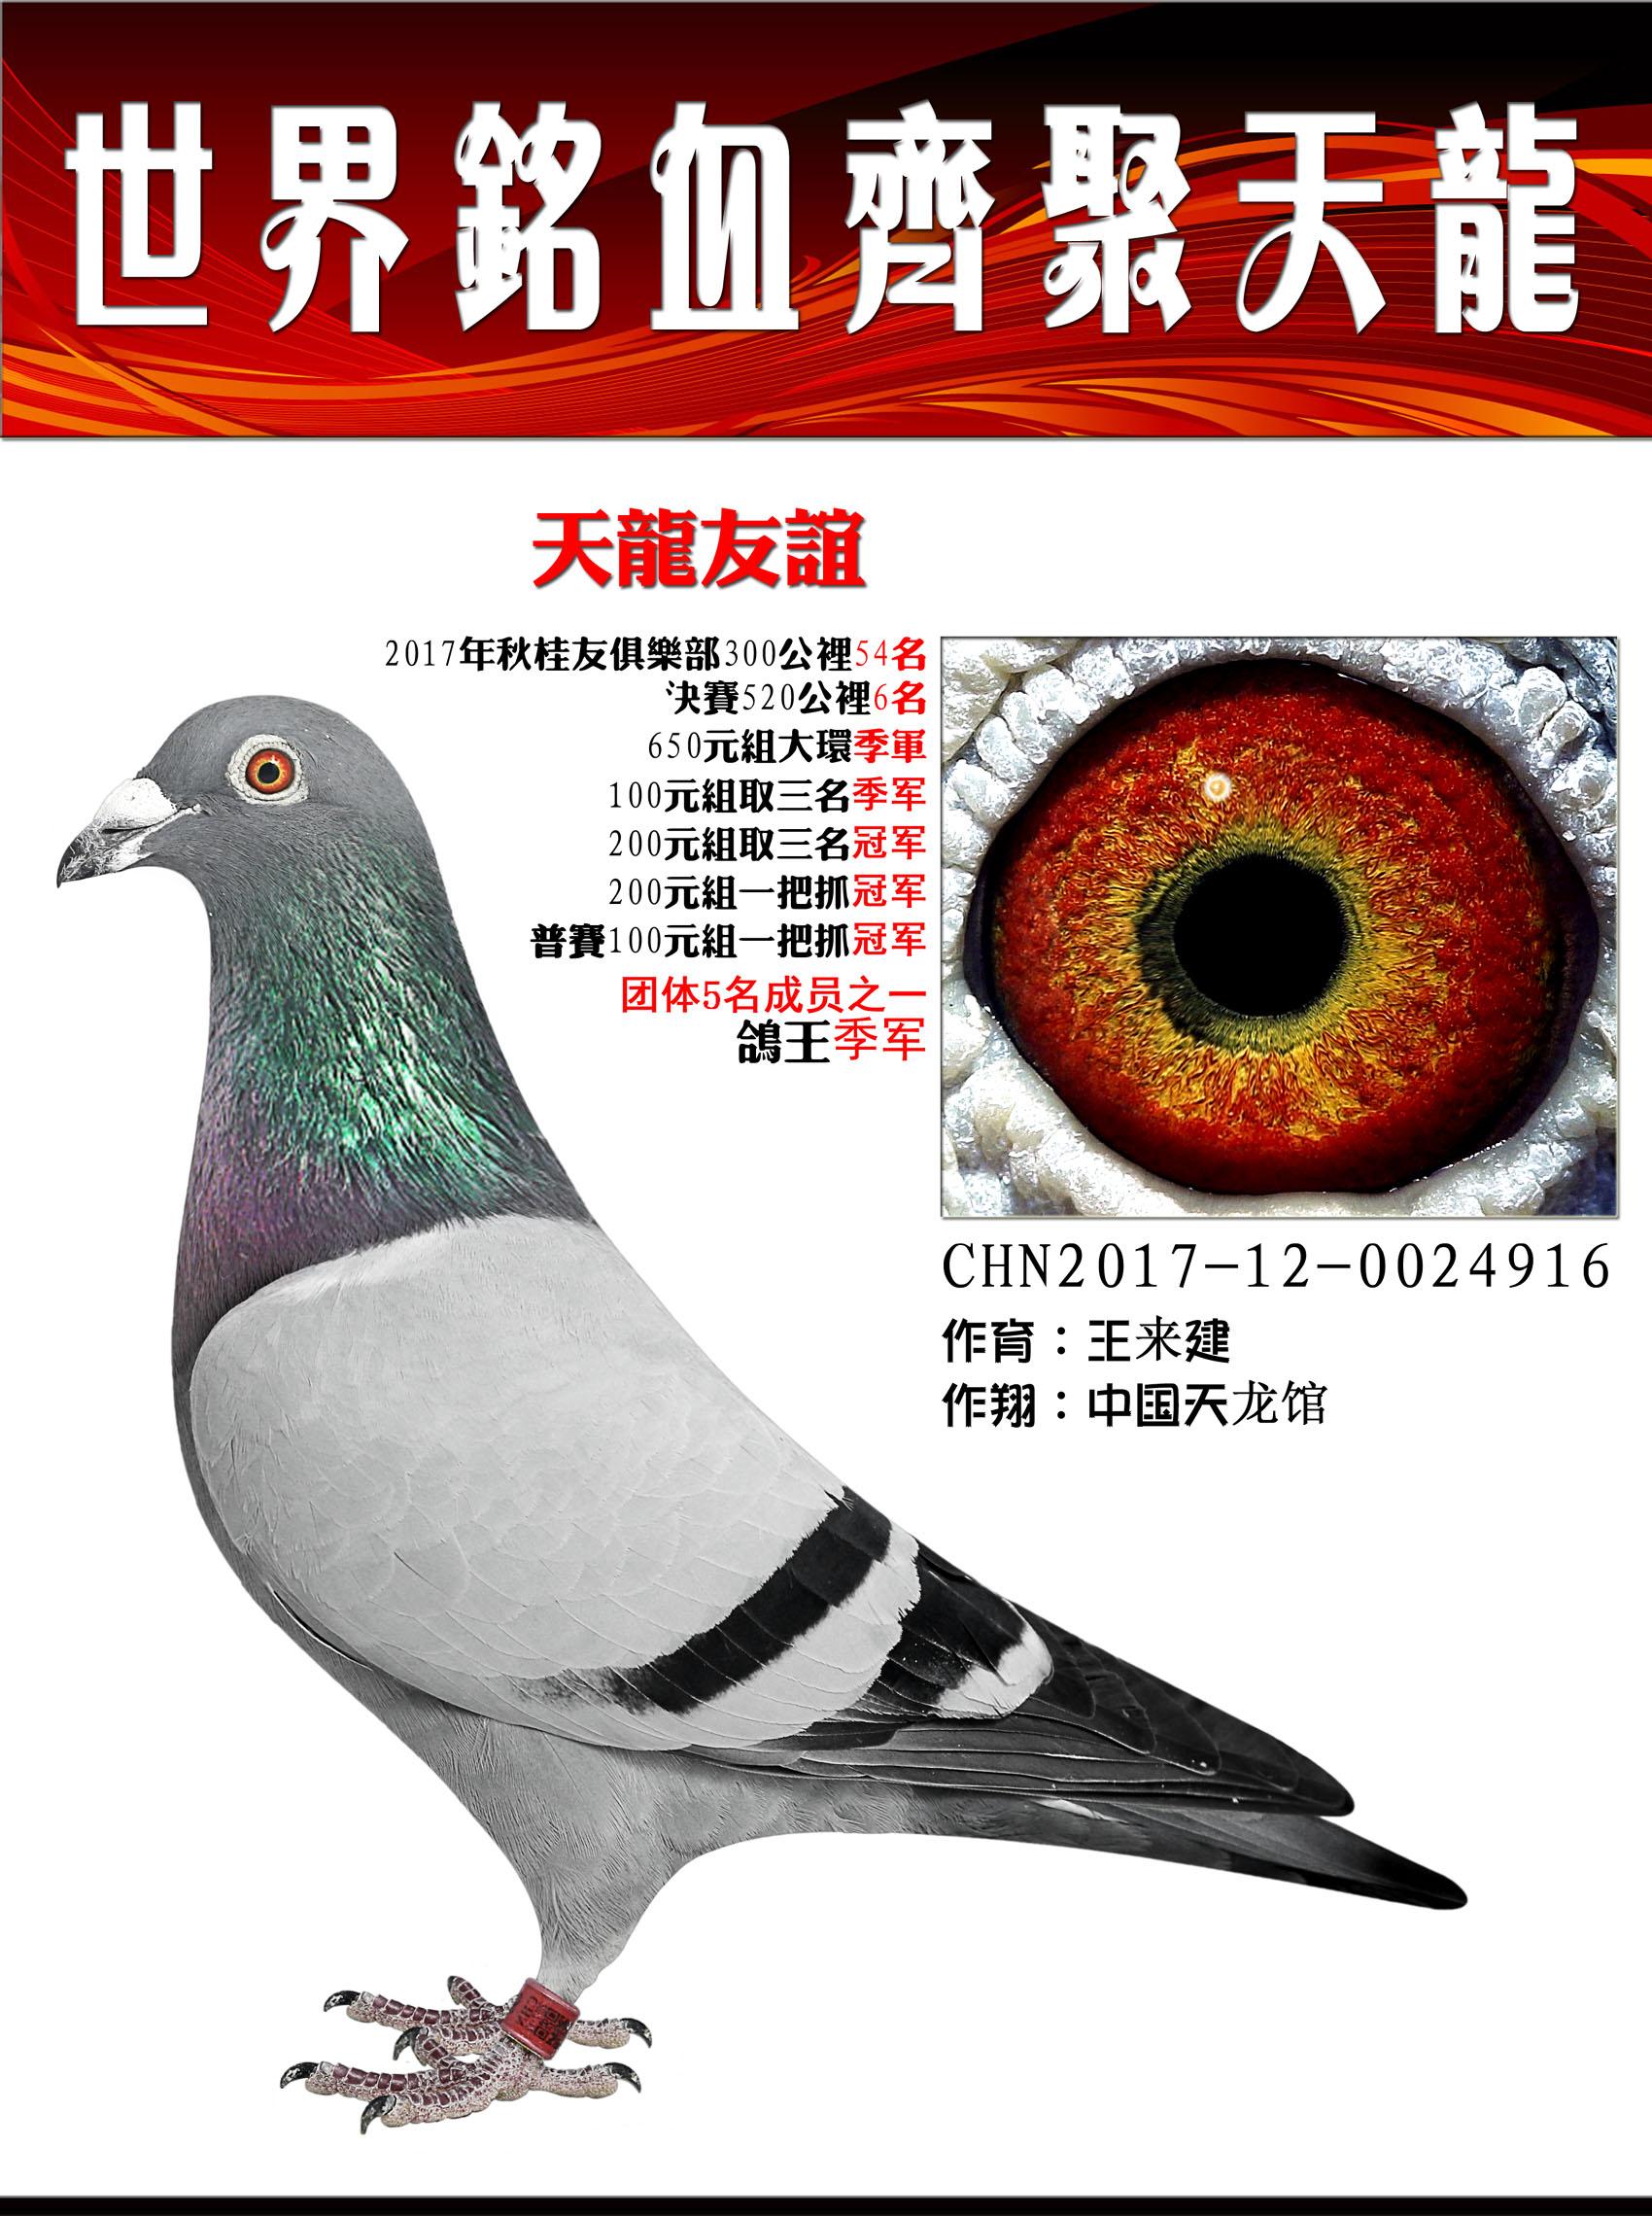 鸽王季军/天龙友谊